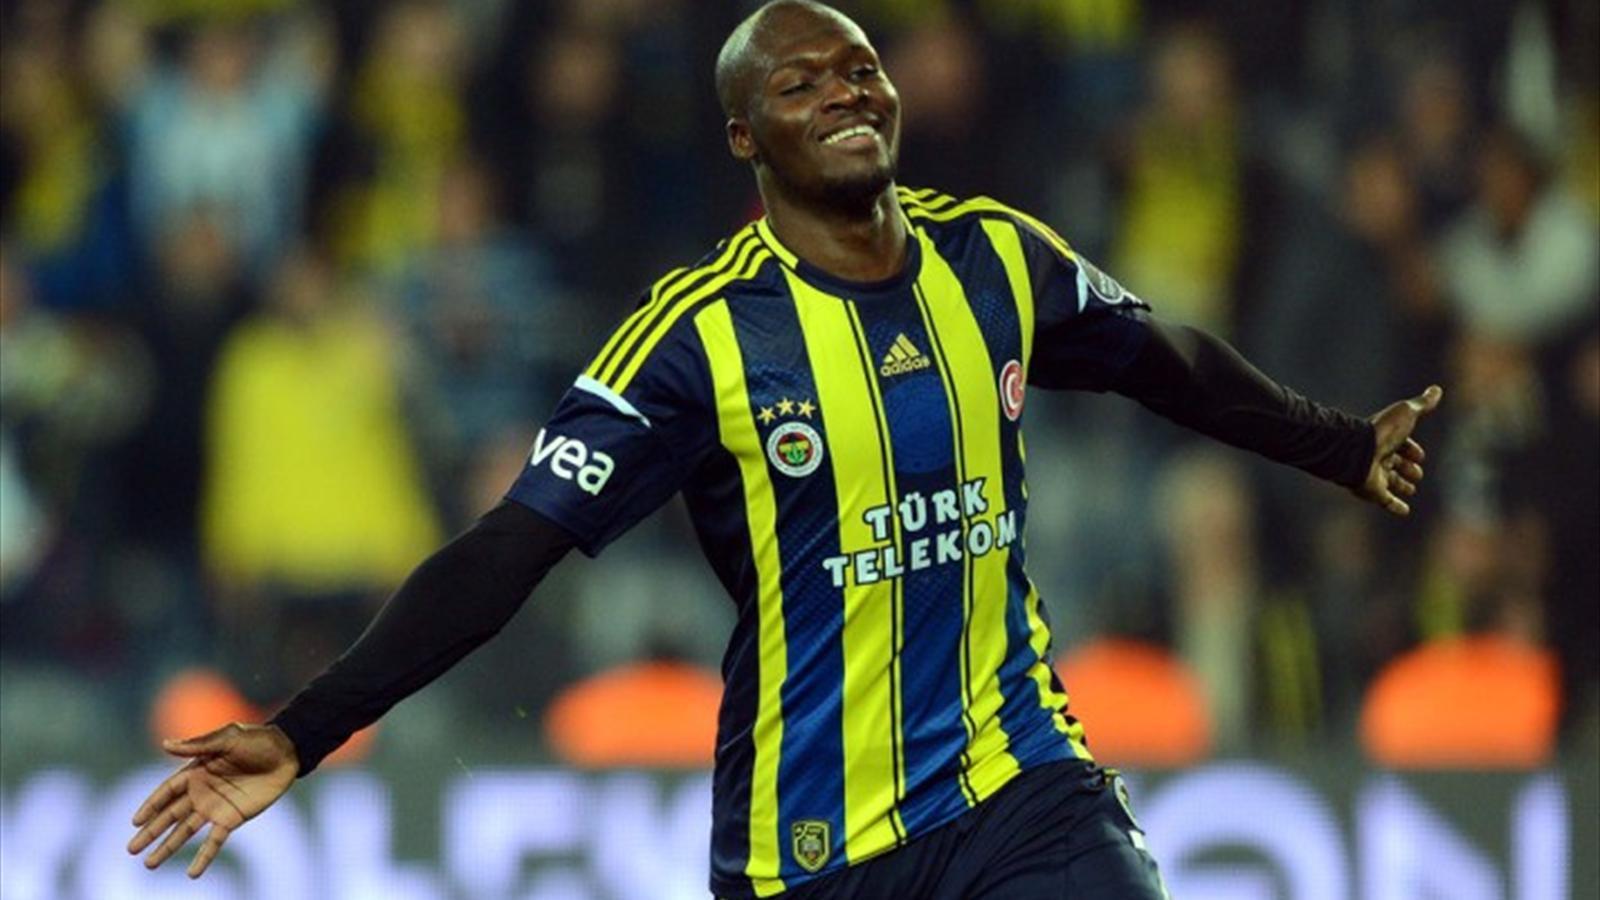 Fenerbahce : un nouveau contrat de 4 ans pour Moussa Sow